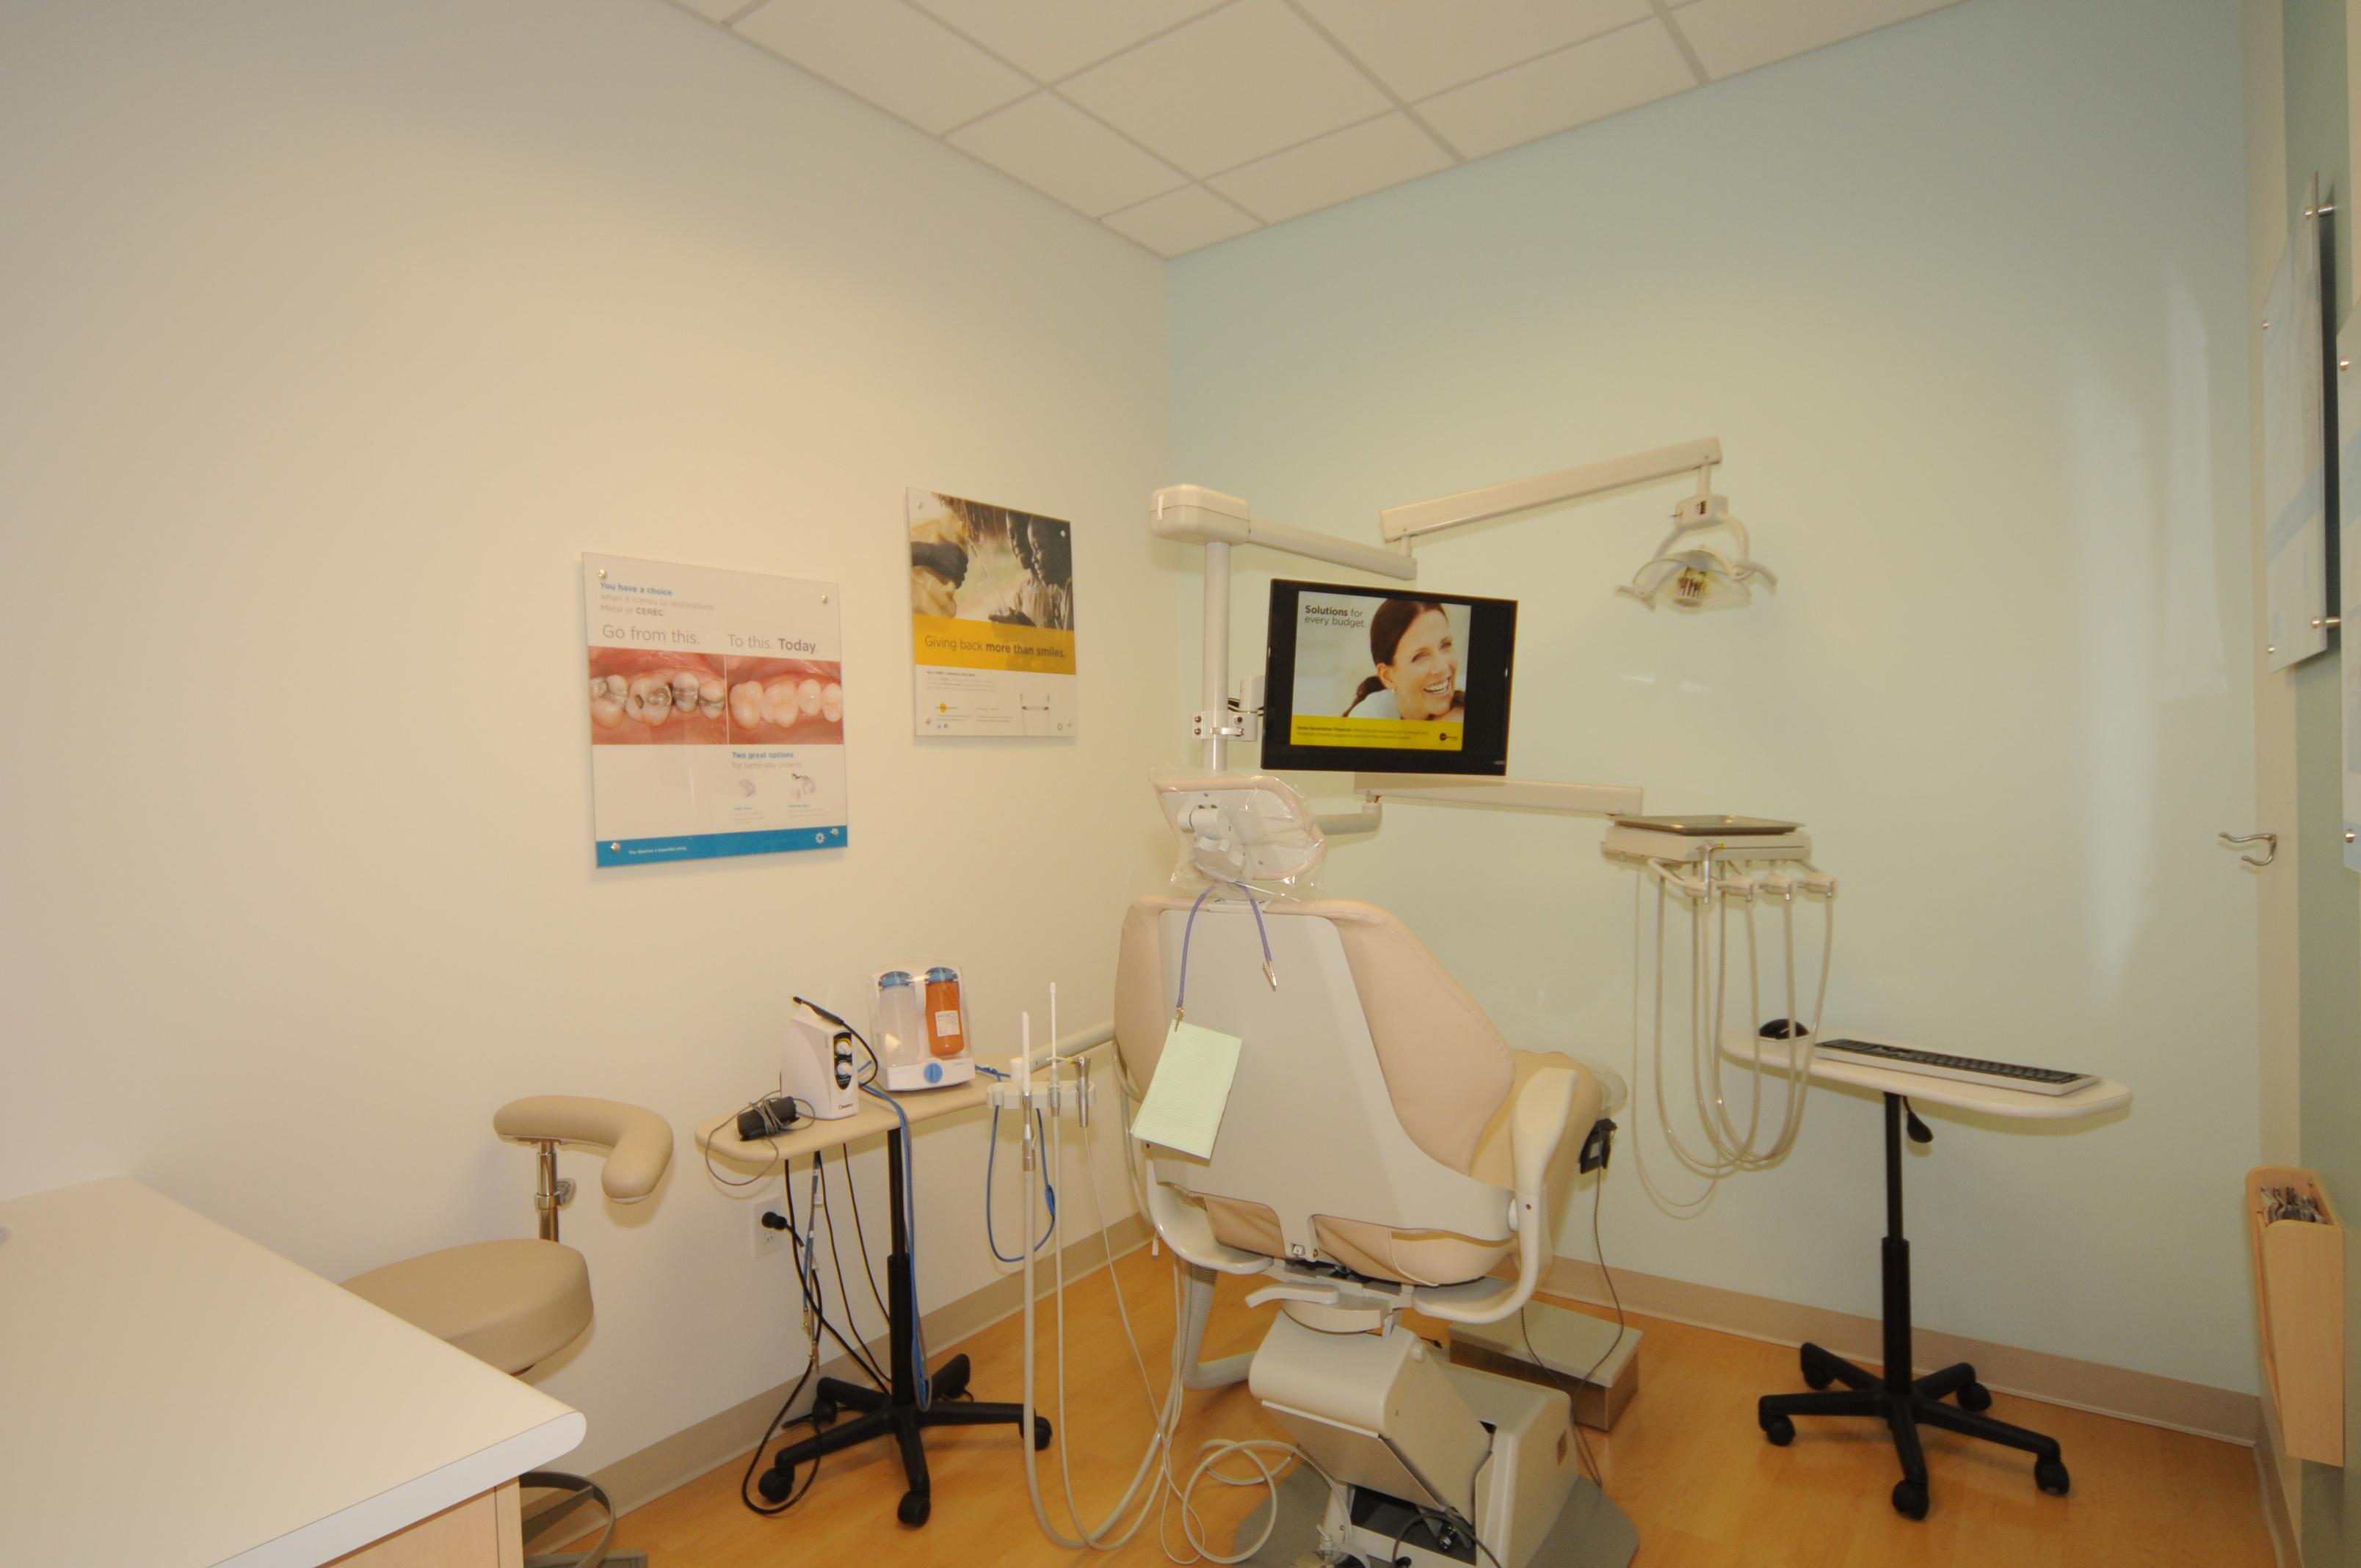 Issaquah Highlands Dental Group image 8